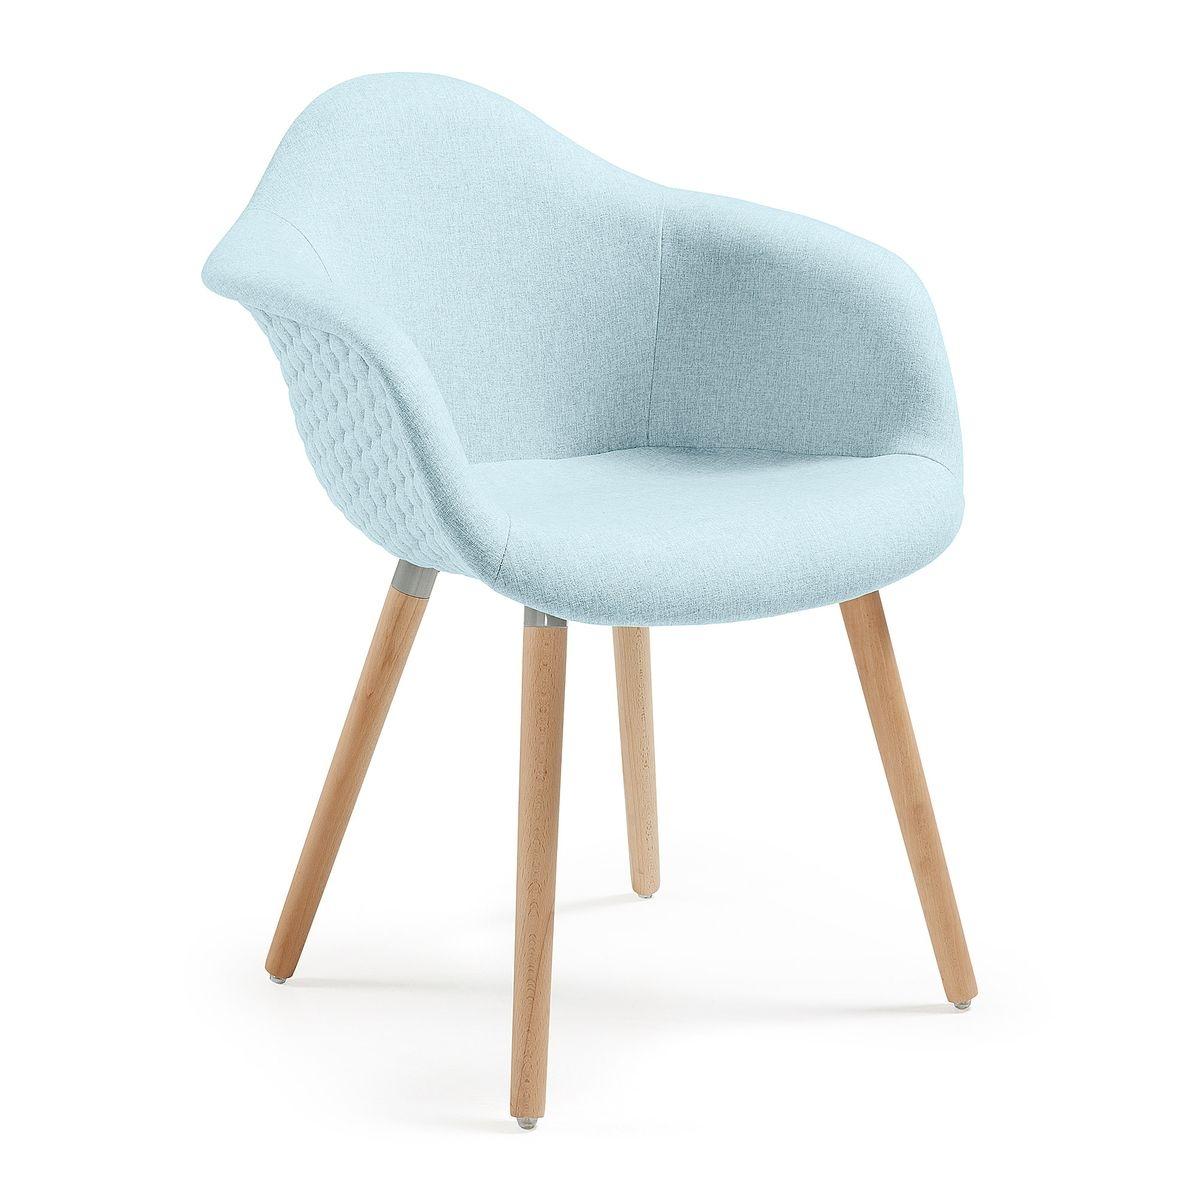 Chaise avec accoudoirs Kevya, bleu clair